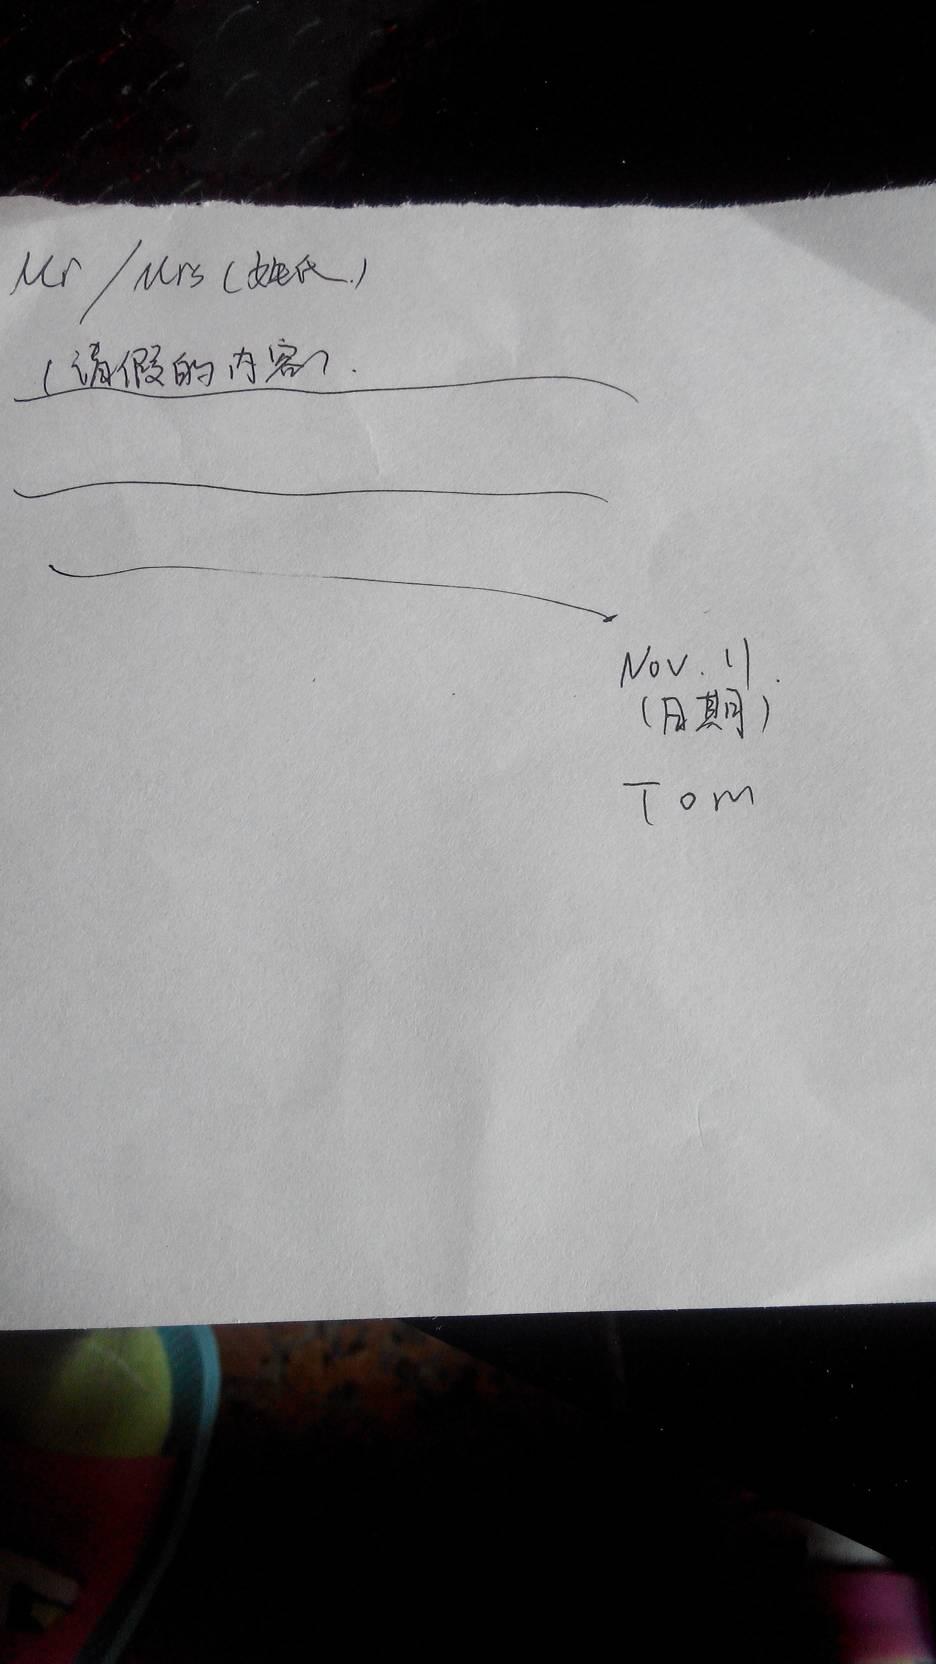 英语请假条怎么写 假如你是tom,你生病了需要向老师请图片